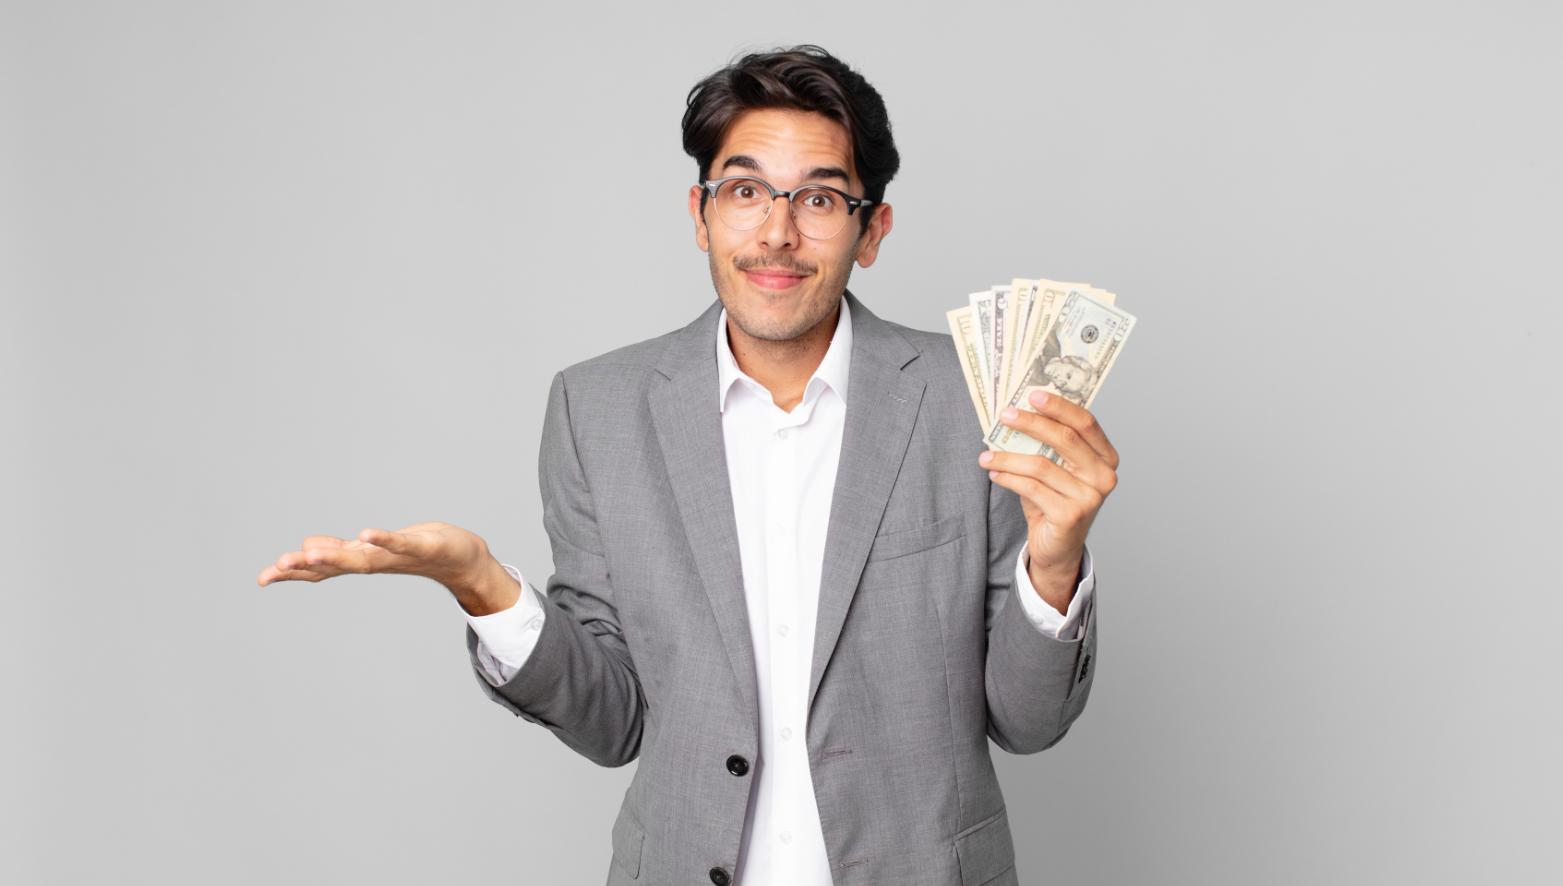 Ciencias del comportamiento y finanzas personales: qué nos impide tomar buenas decisiones